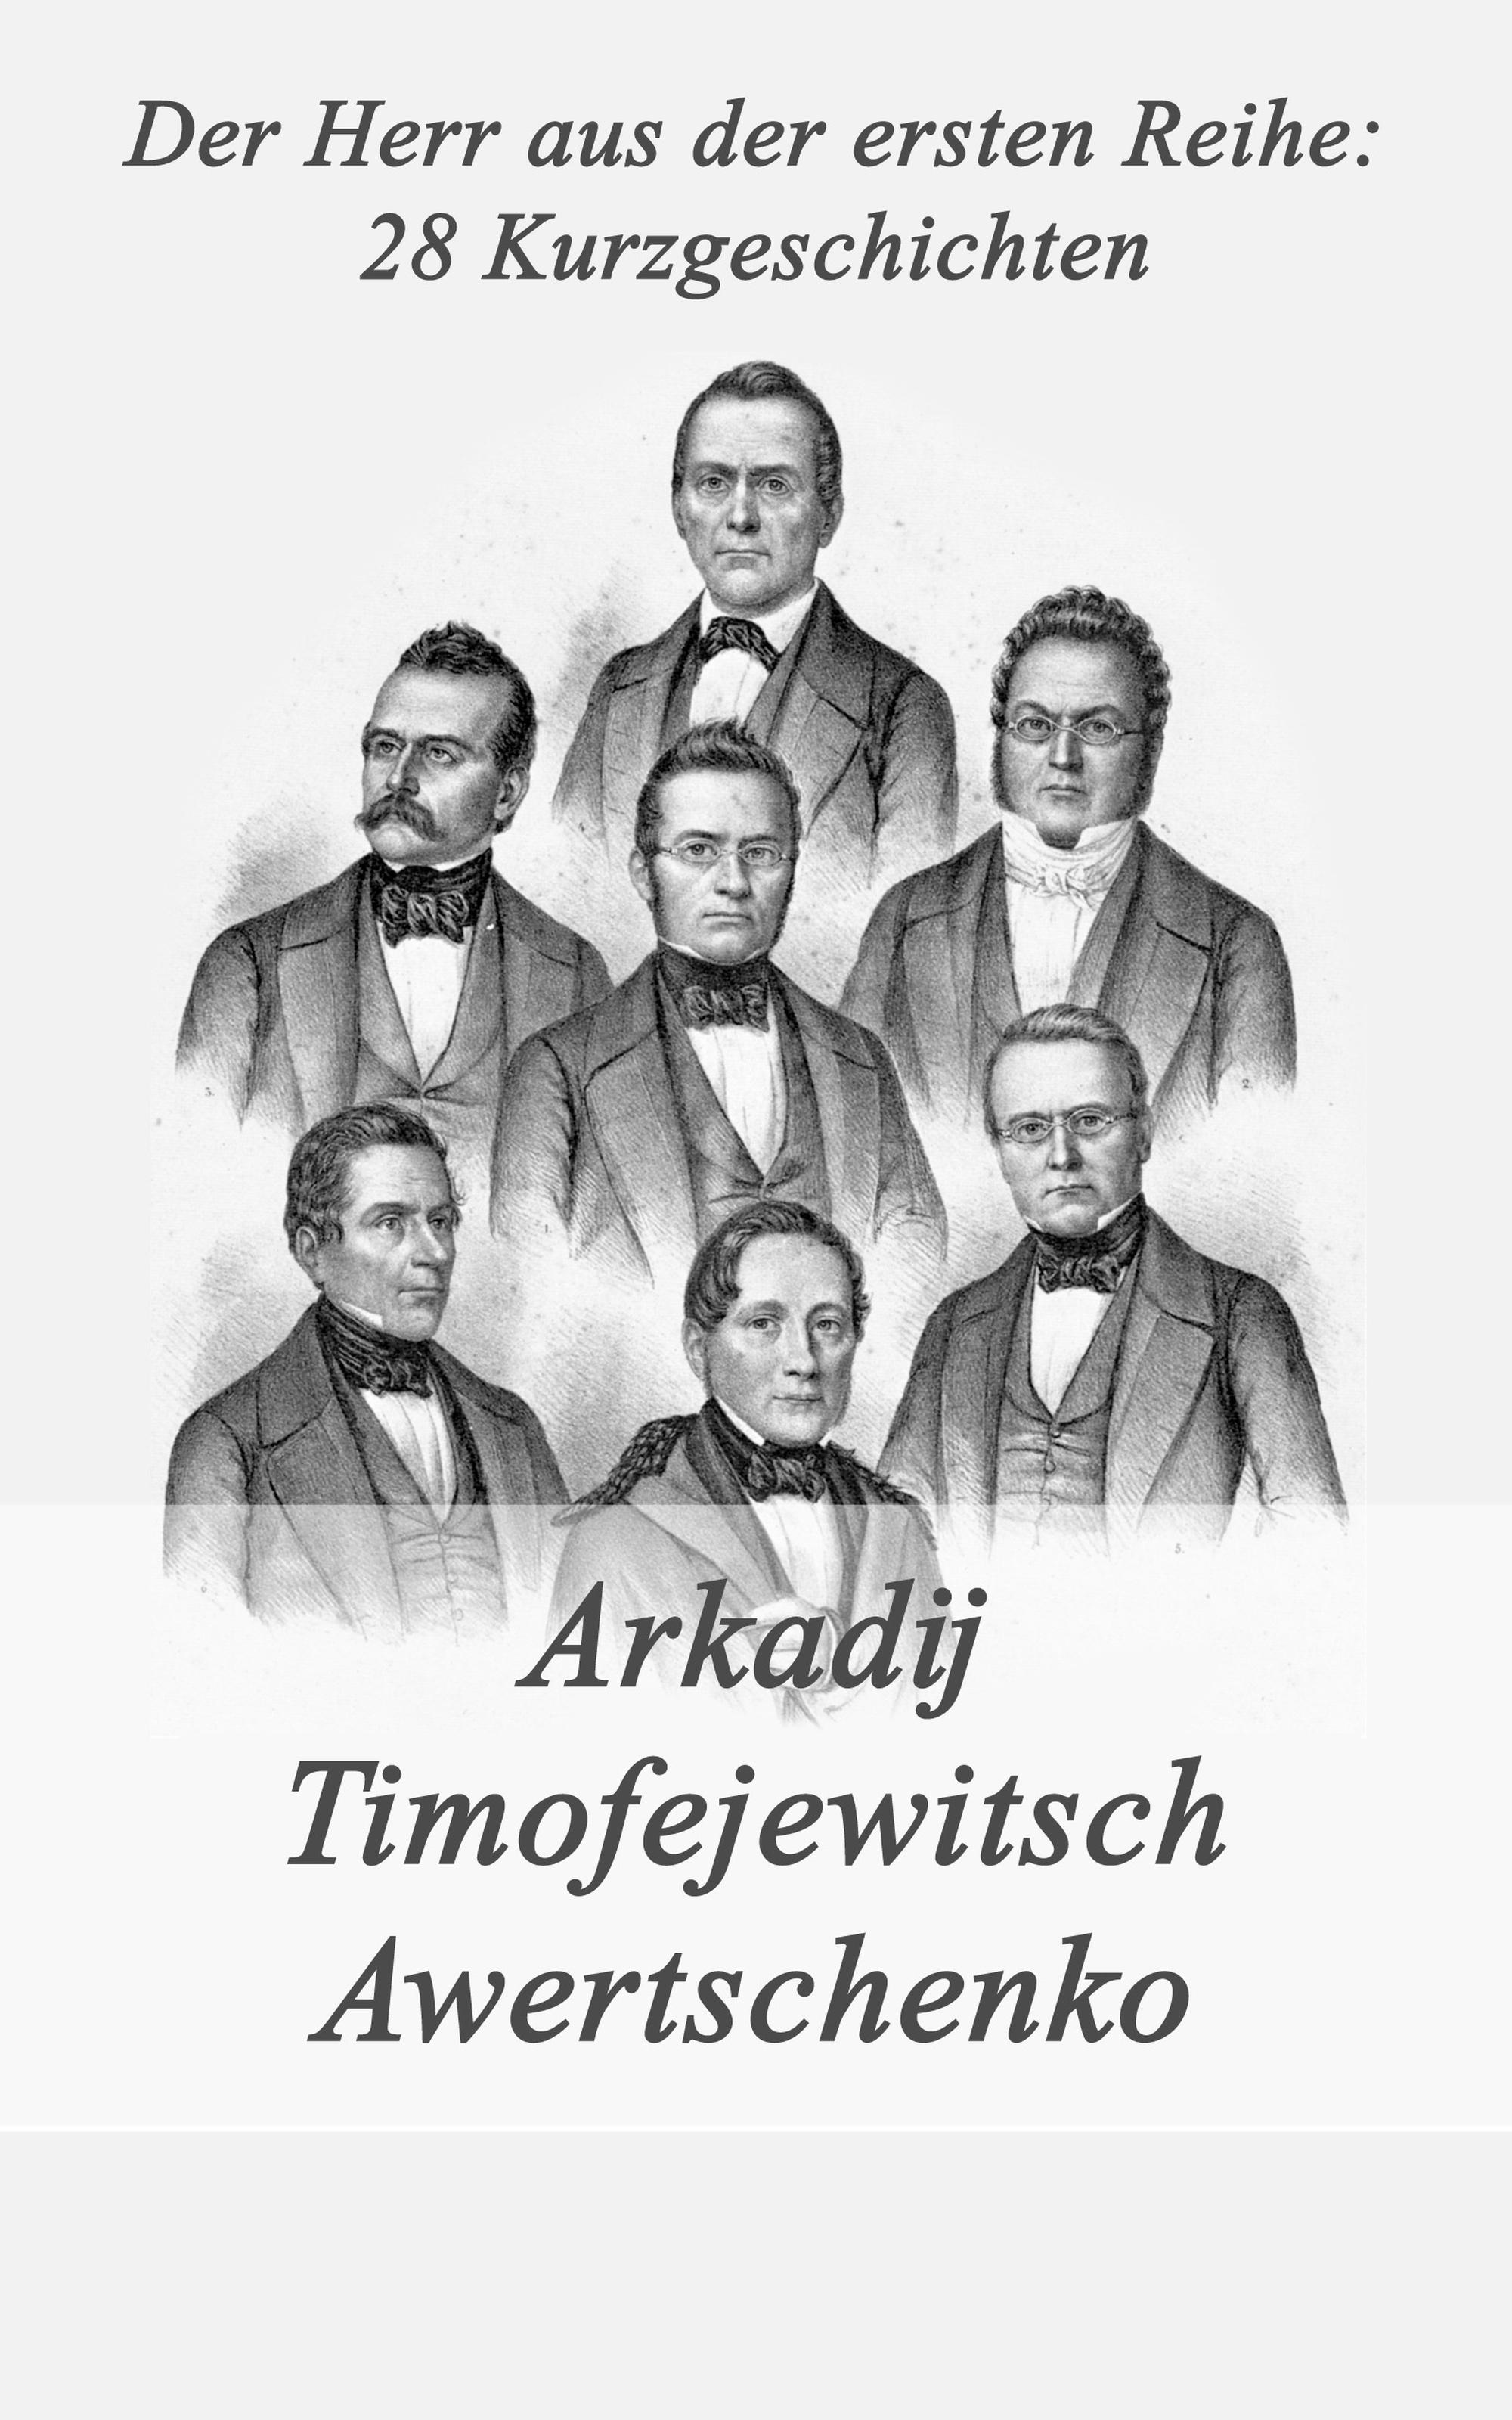 Arkadij Timofejewitsch Awertschenko Der Herr aus der ersten Reihe: 28 Kurzgeschichten